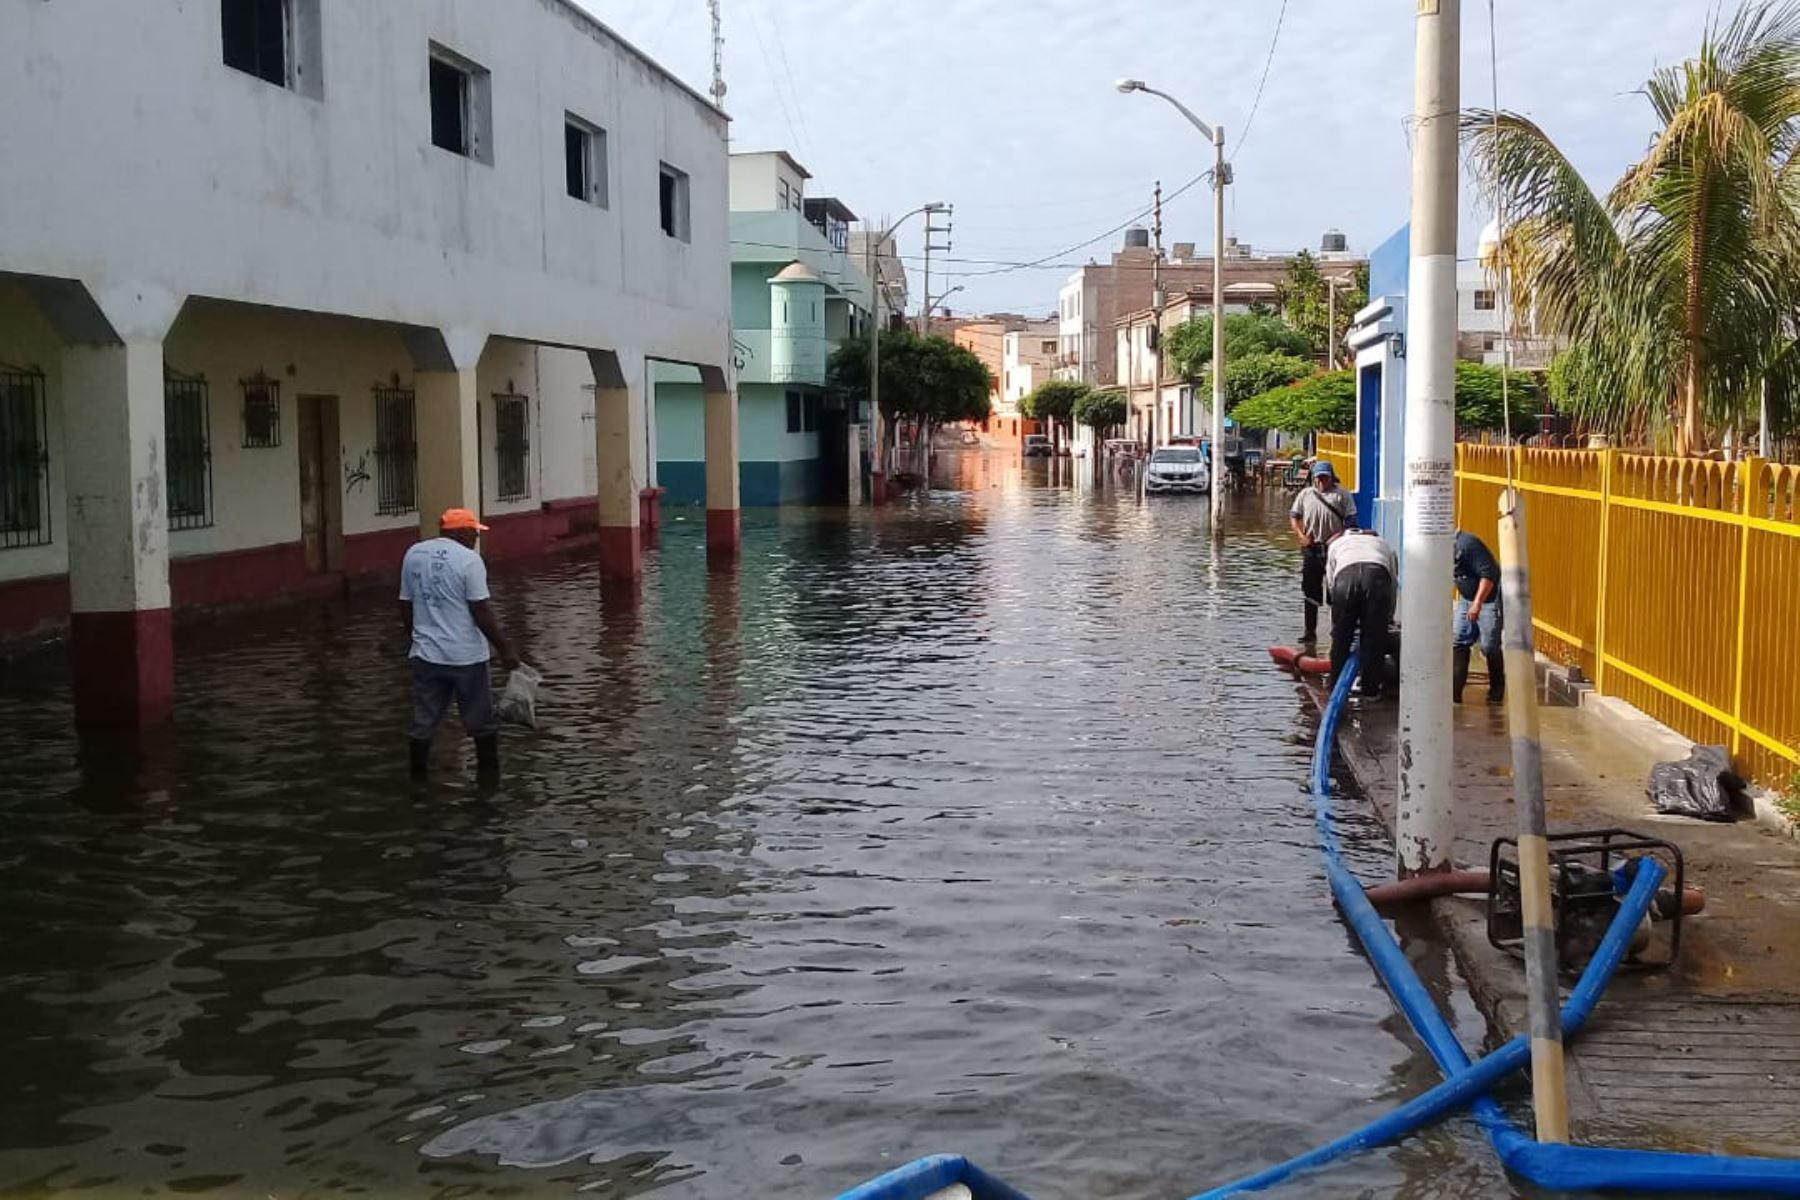 Unas 200 familias resultaron afectadas por la inundación que provocó el desborde de un canal de regadío en el distrito de Pacasmayo. Foto: ANDINA/Difusión